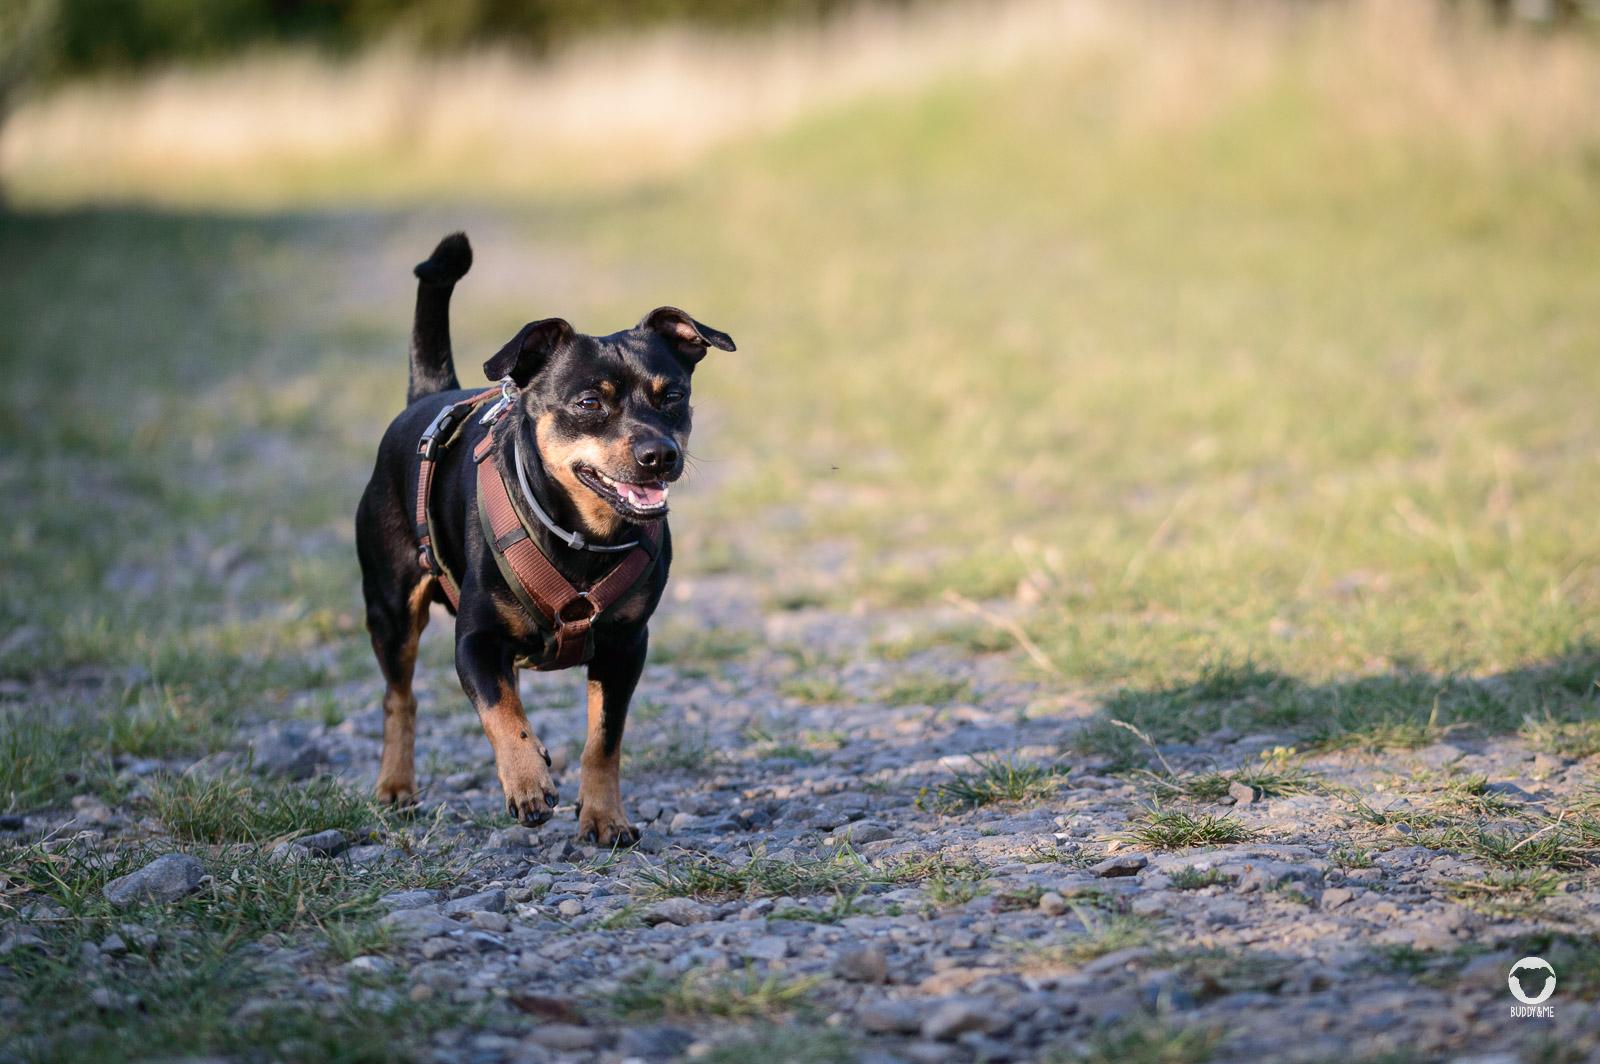 Buddy im Hitzesommer - Pinscher Buddy läuft hechelnd einen Schotterweg in der Abendsonne entlang